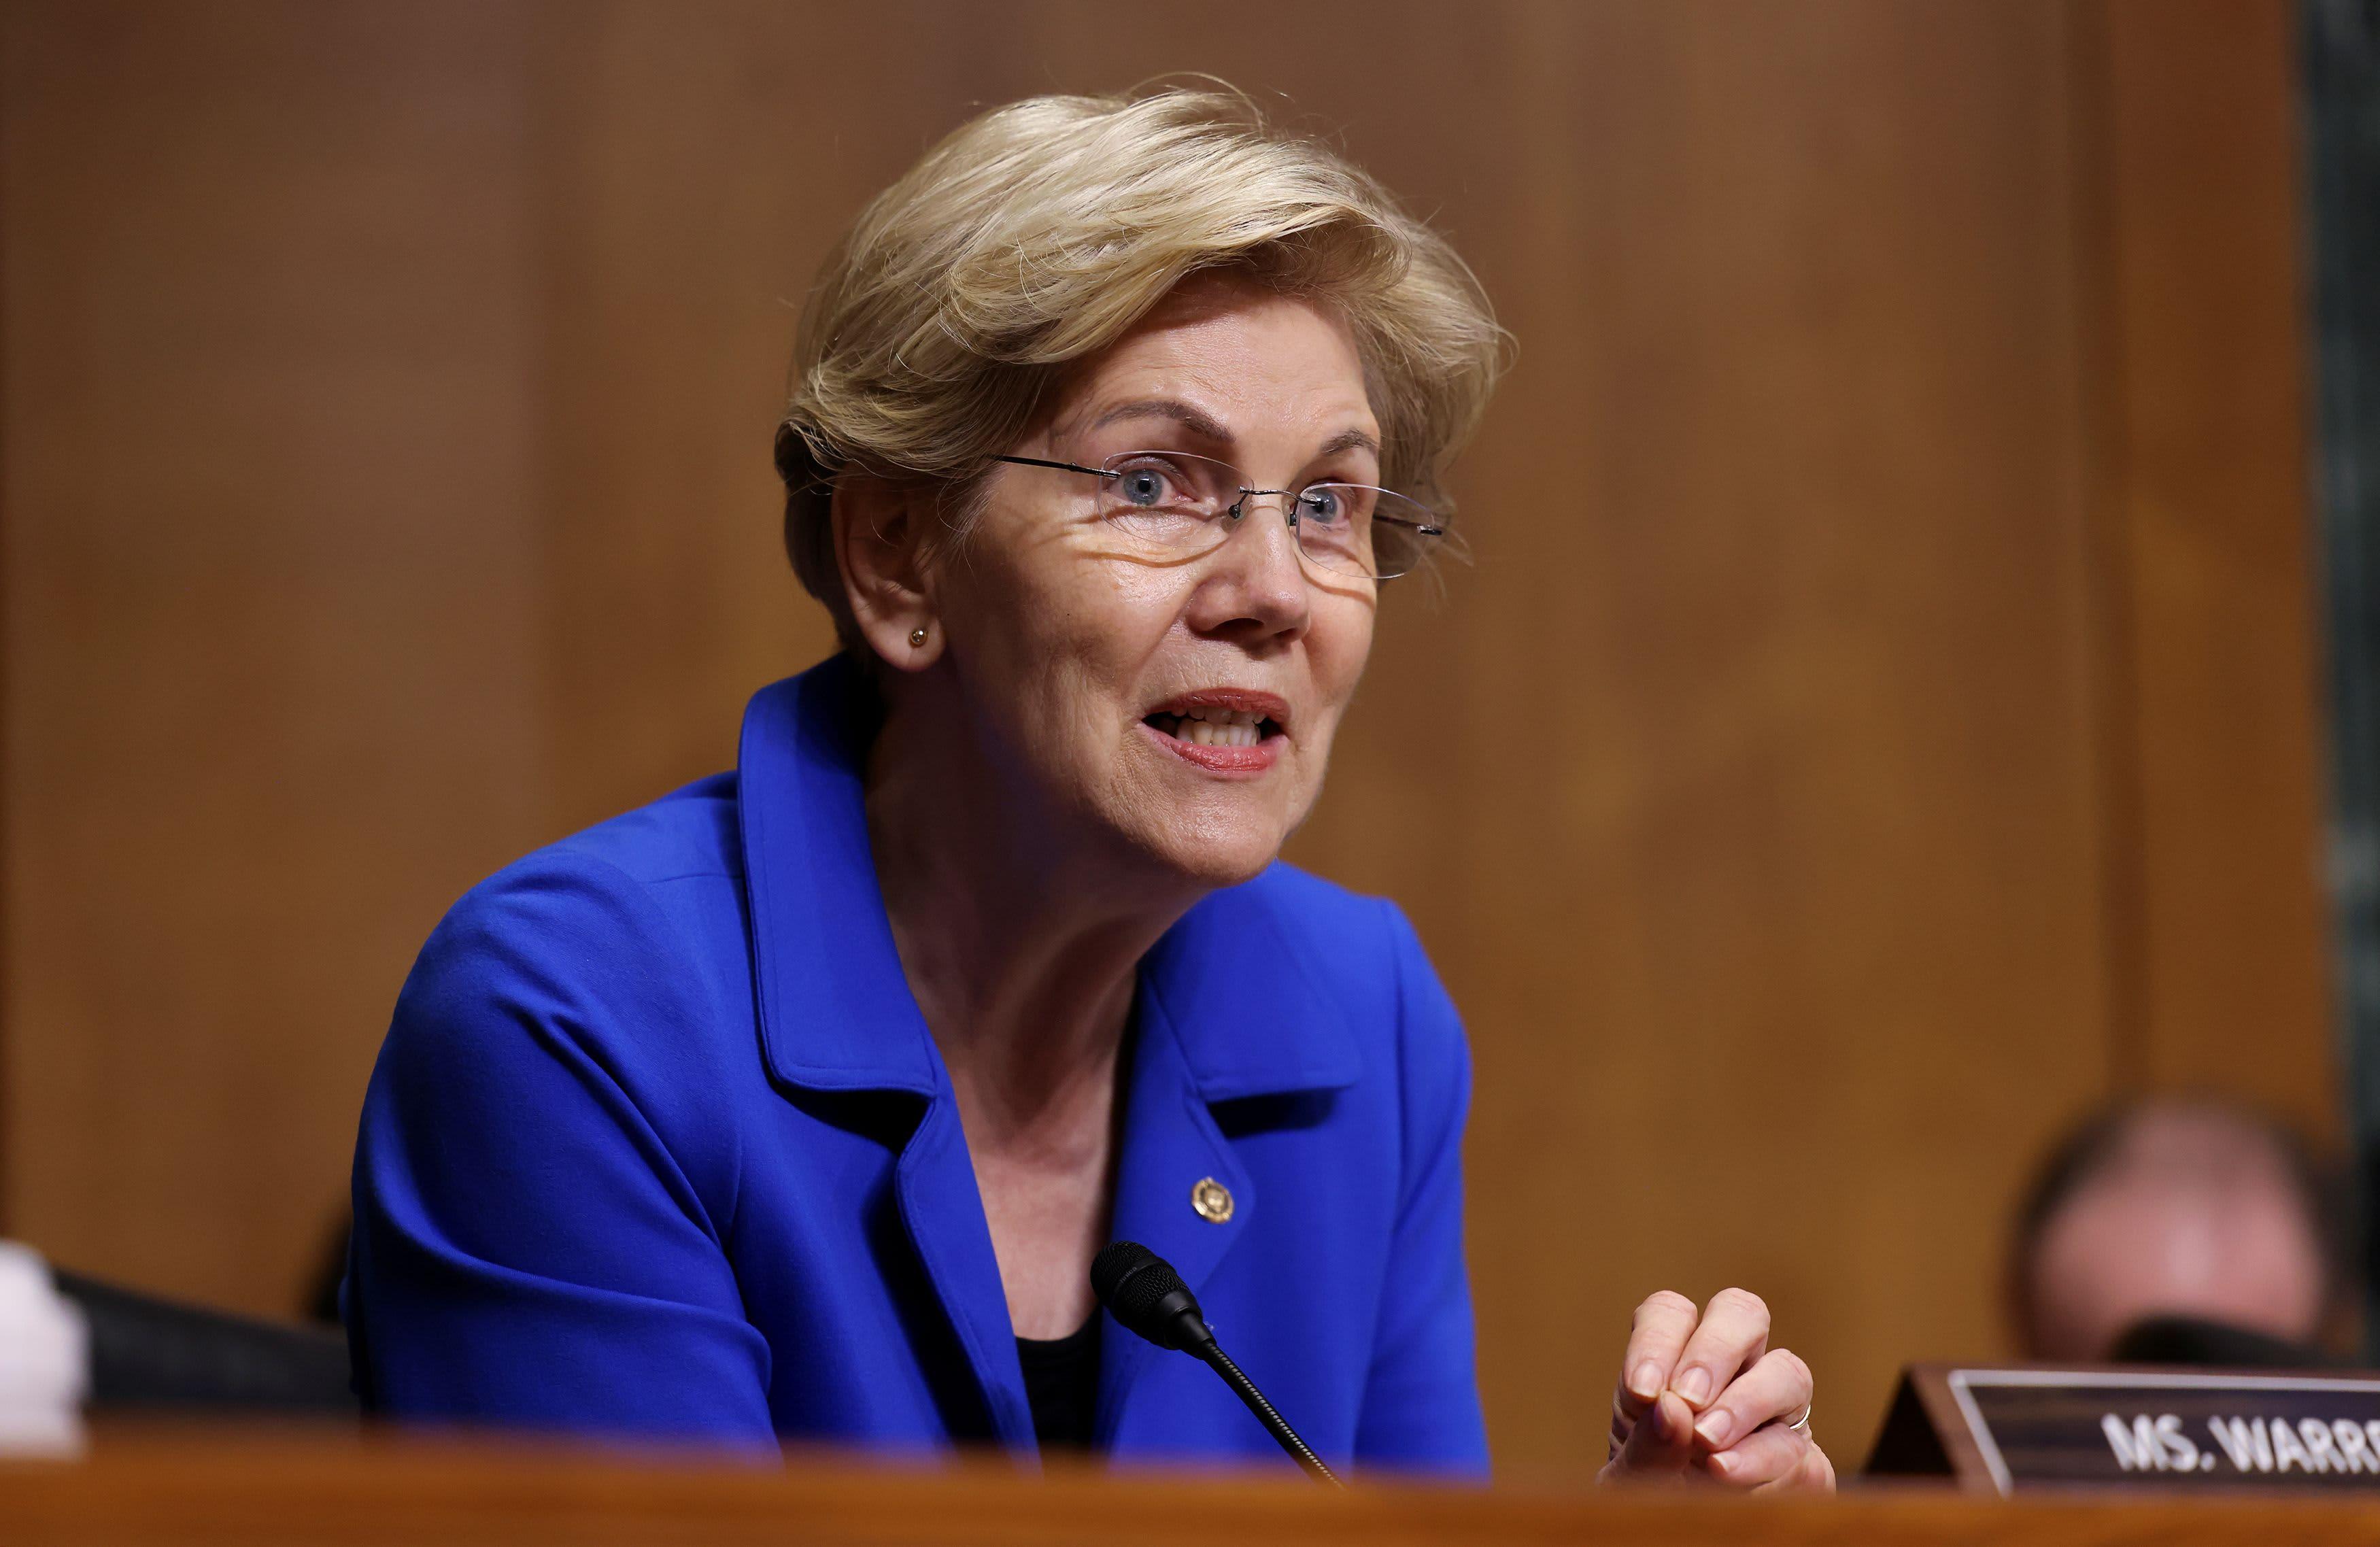 Sen. Elizabeth Warren shoots down a key reason investors buy bitcoin, calls for tighter regulation - CNBC